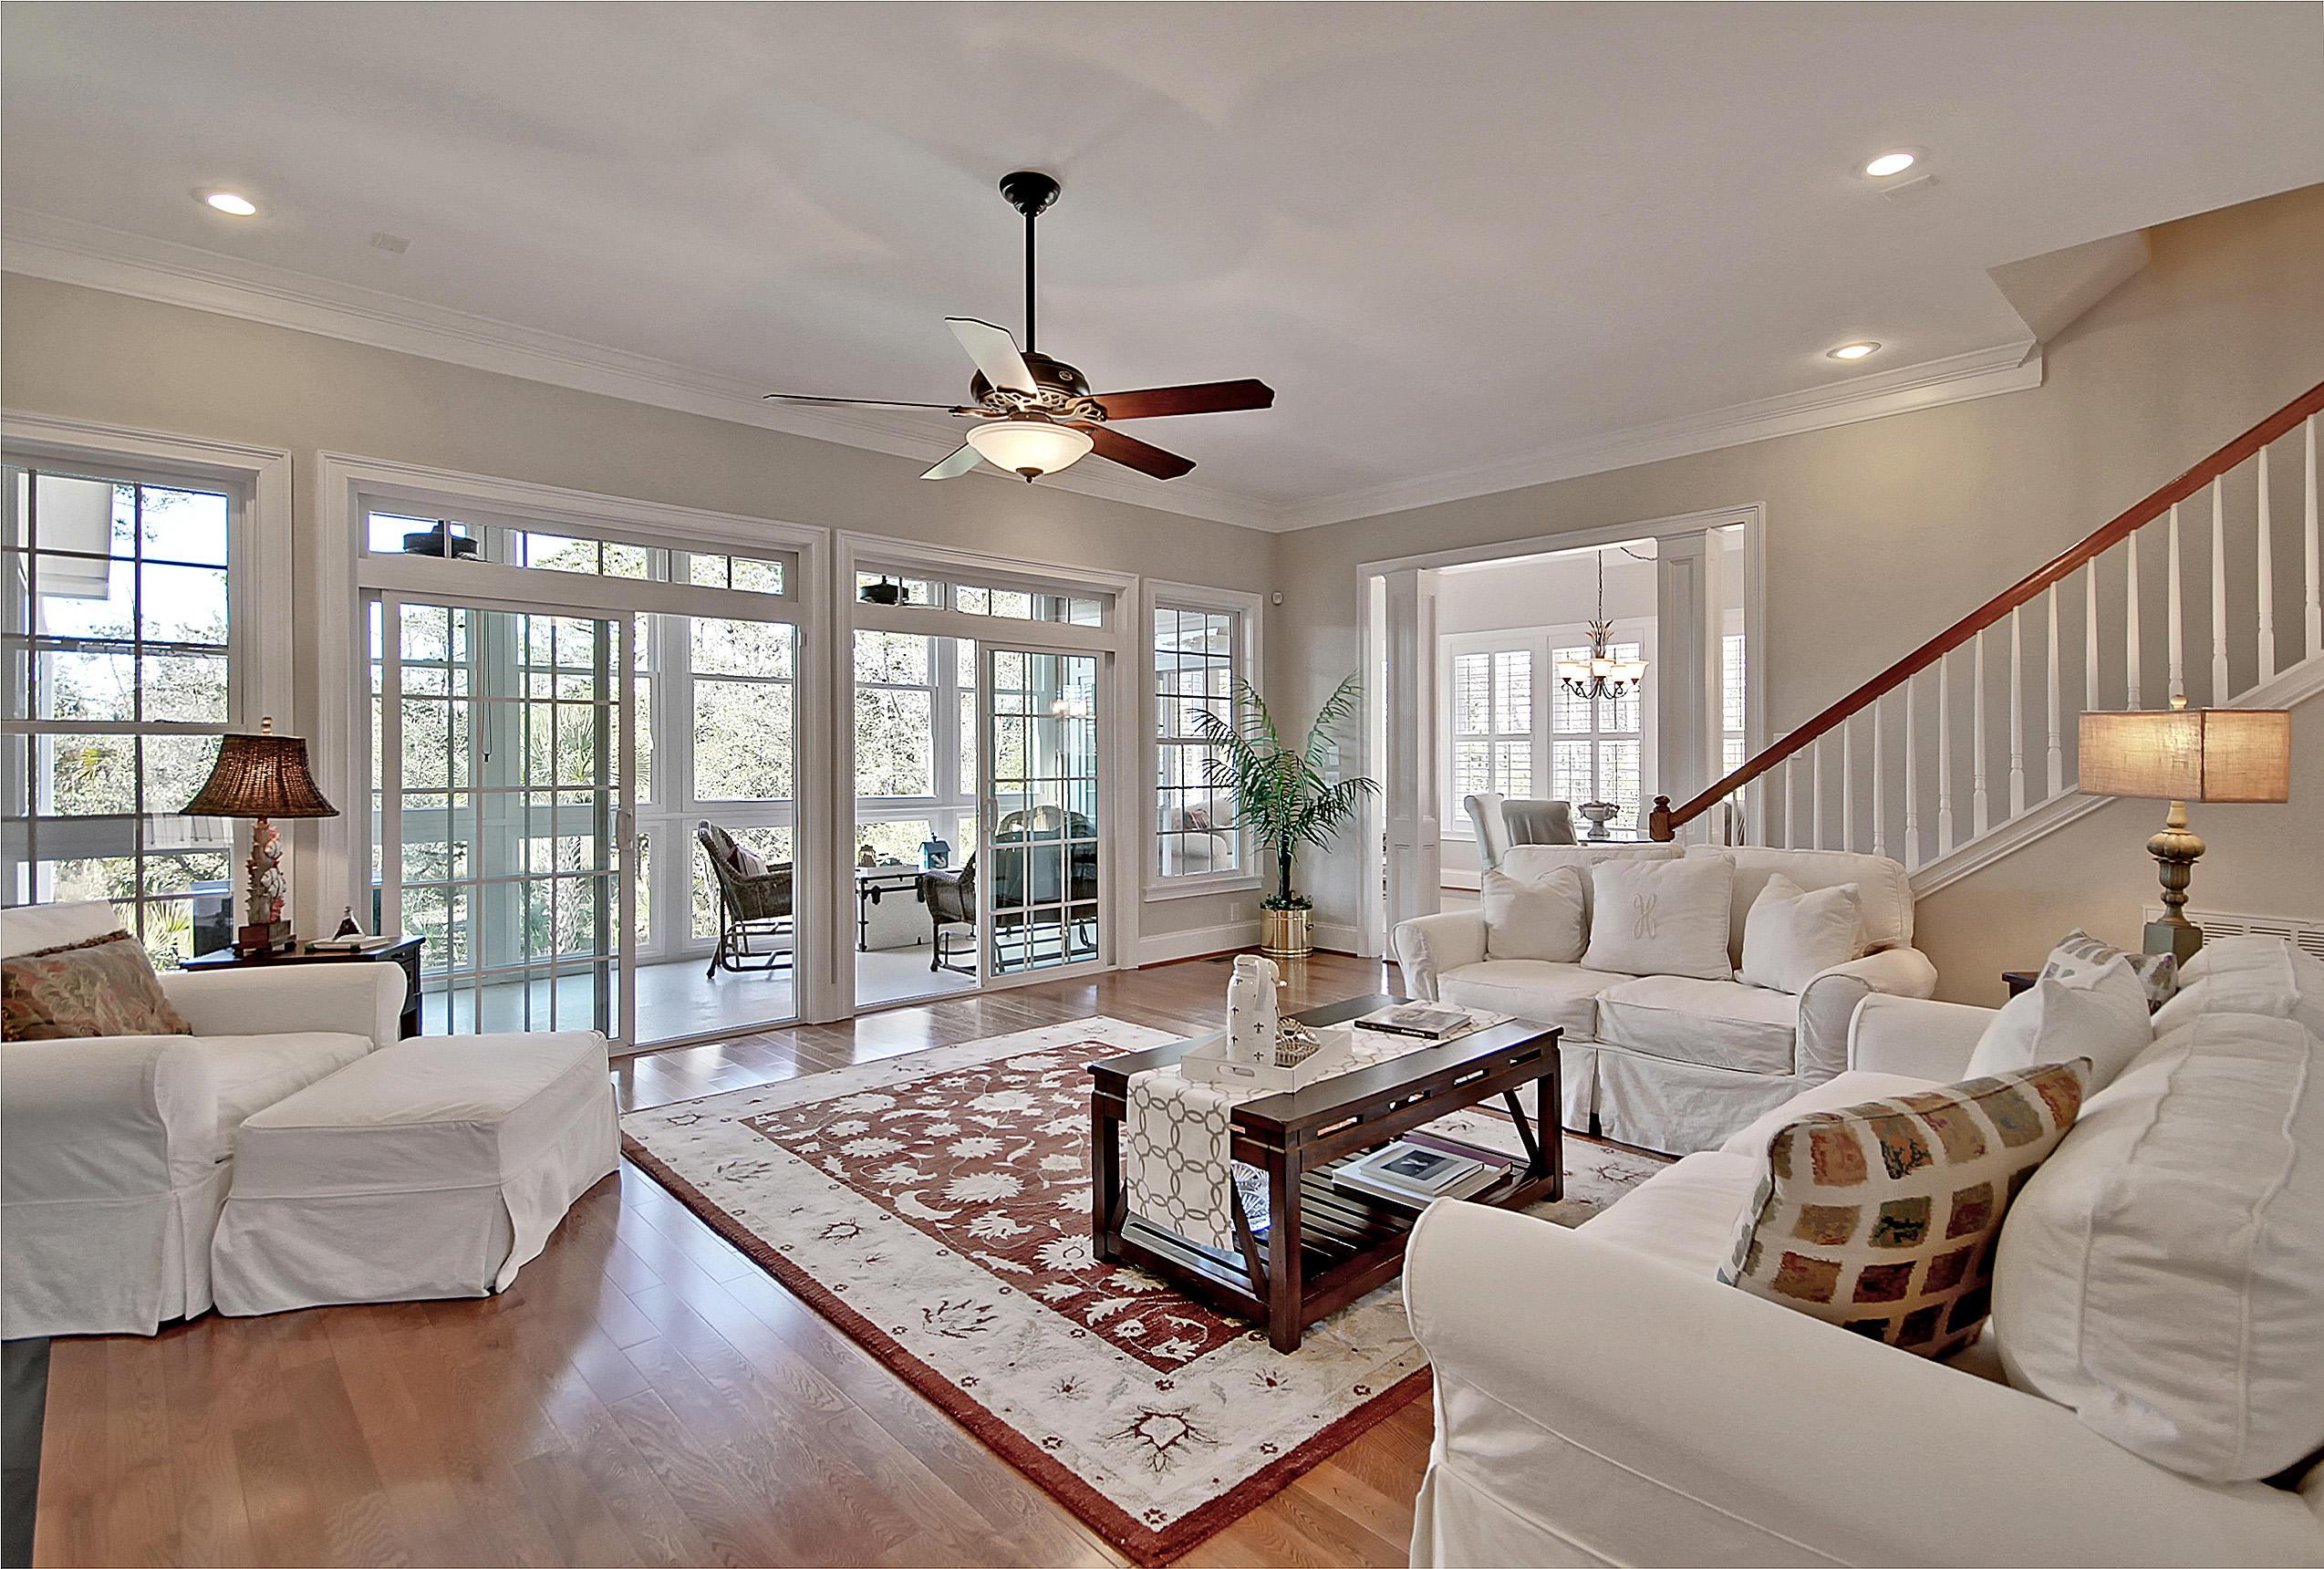 Dunes West Homes For Sale - 2721 Fountainhead, Mount Pleasant, SC - 57